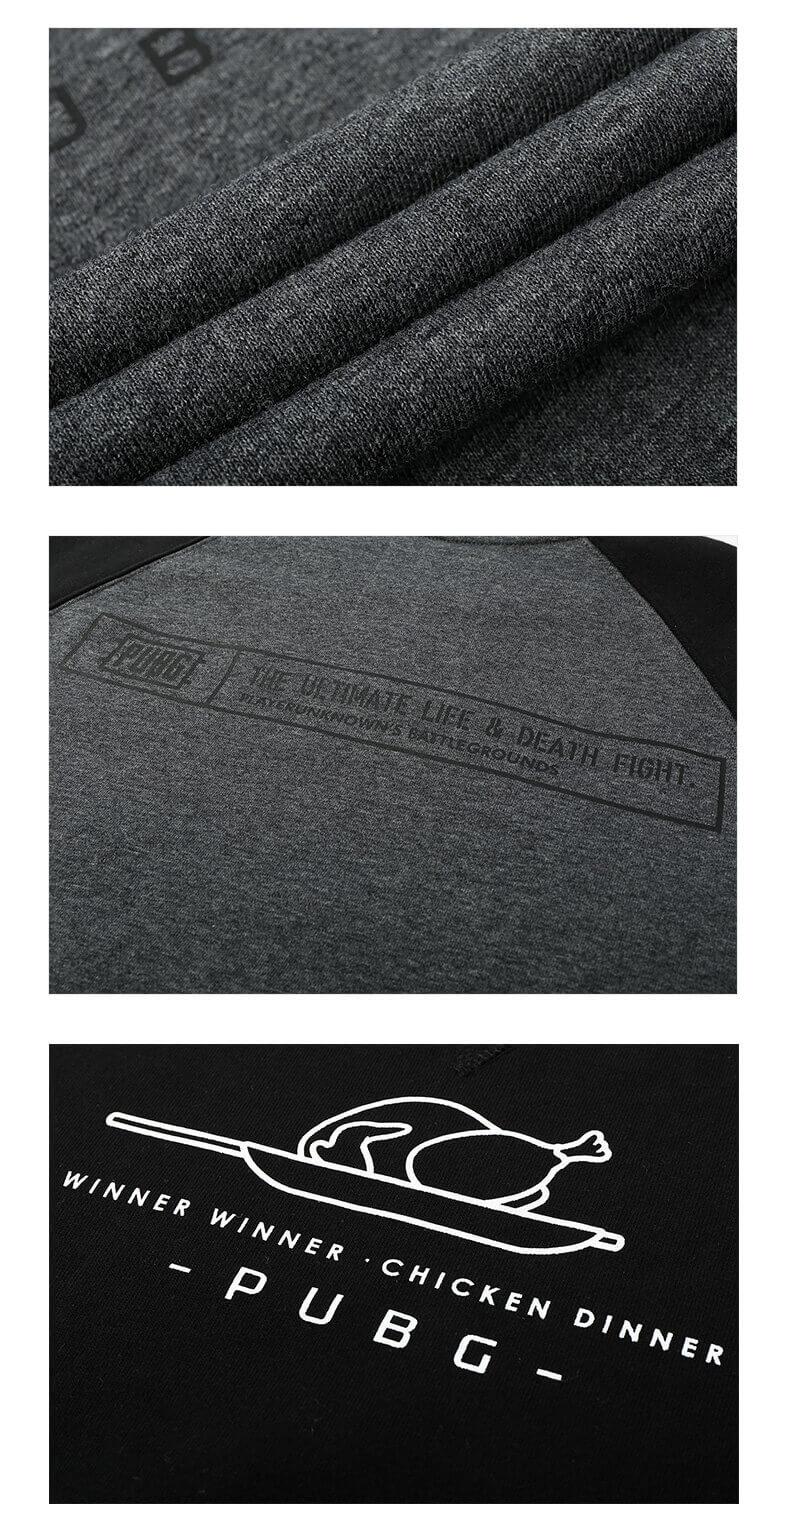 Pubg Winner Winner Chicken Dinner Hoodie Playerunknown'S Battlegrounds Sweatshirt For Men